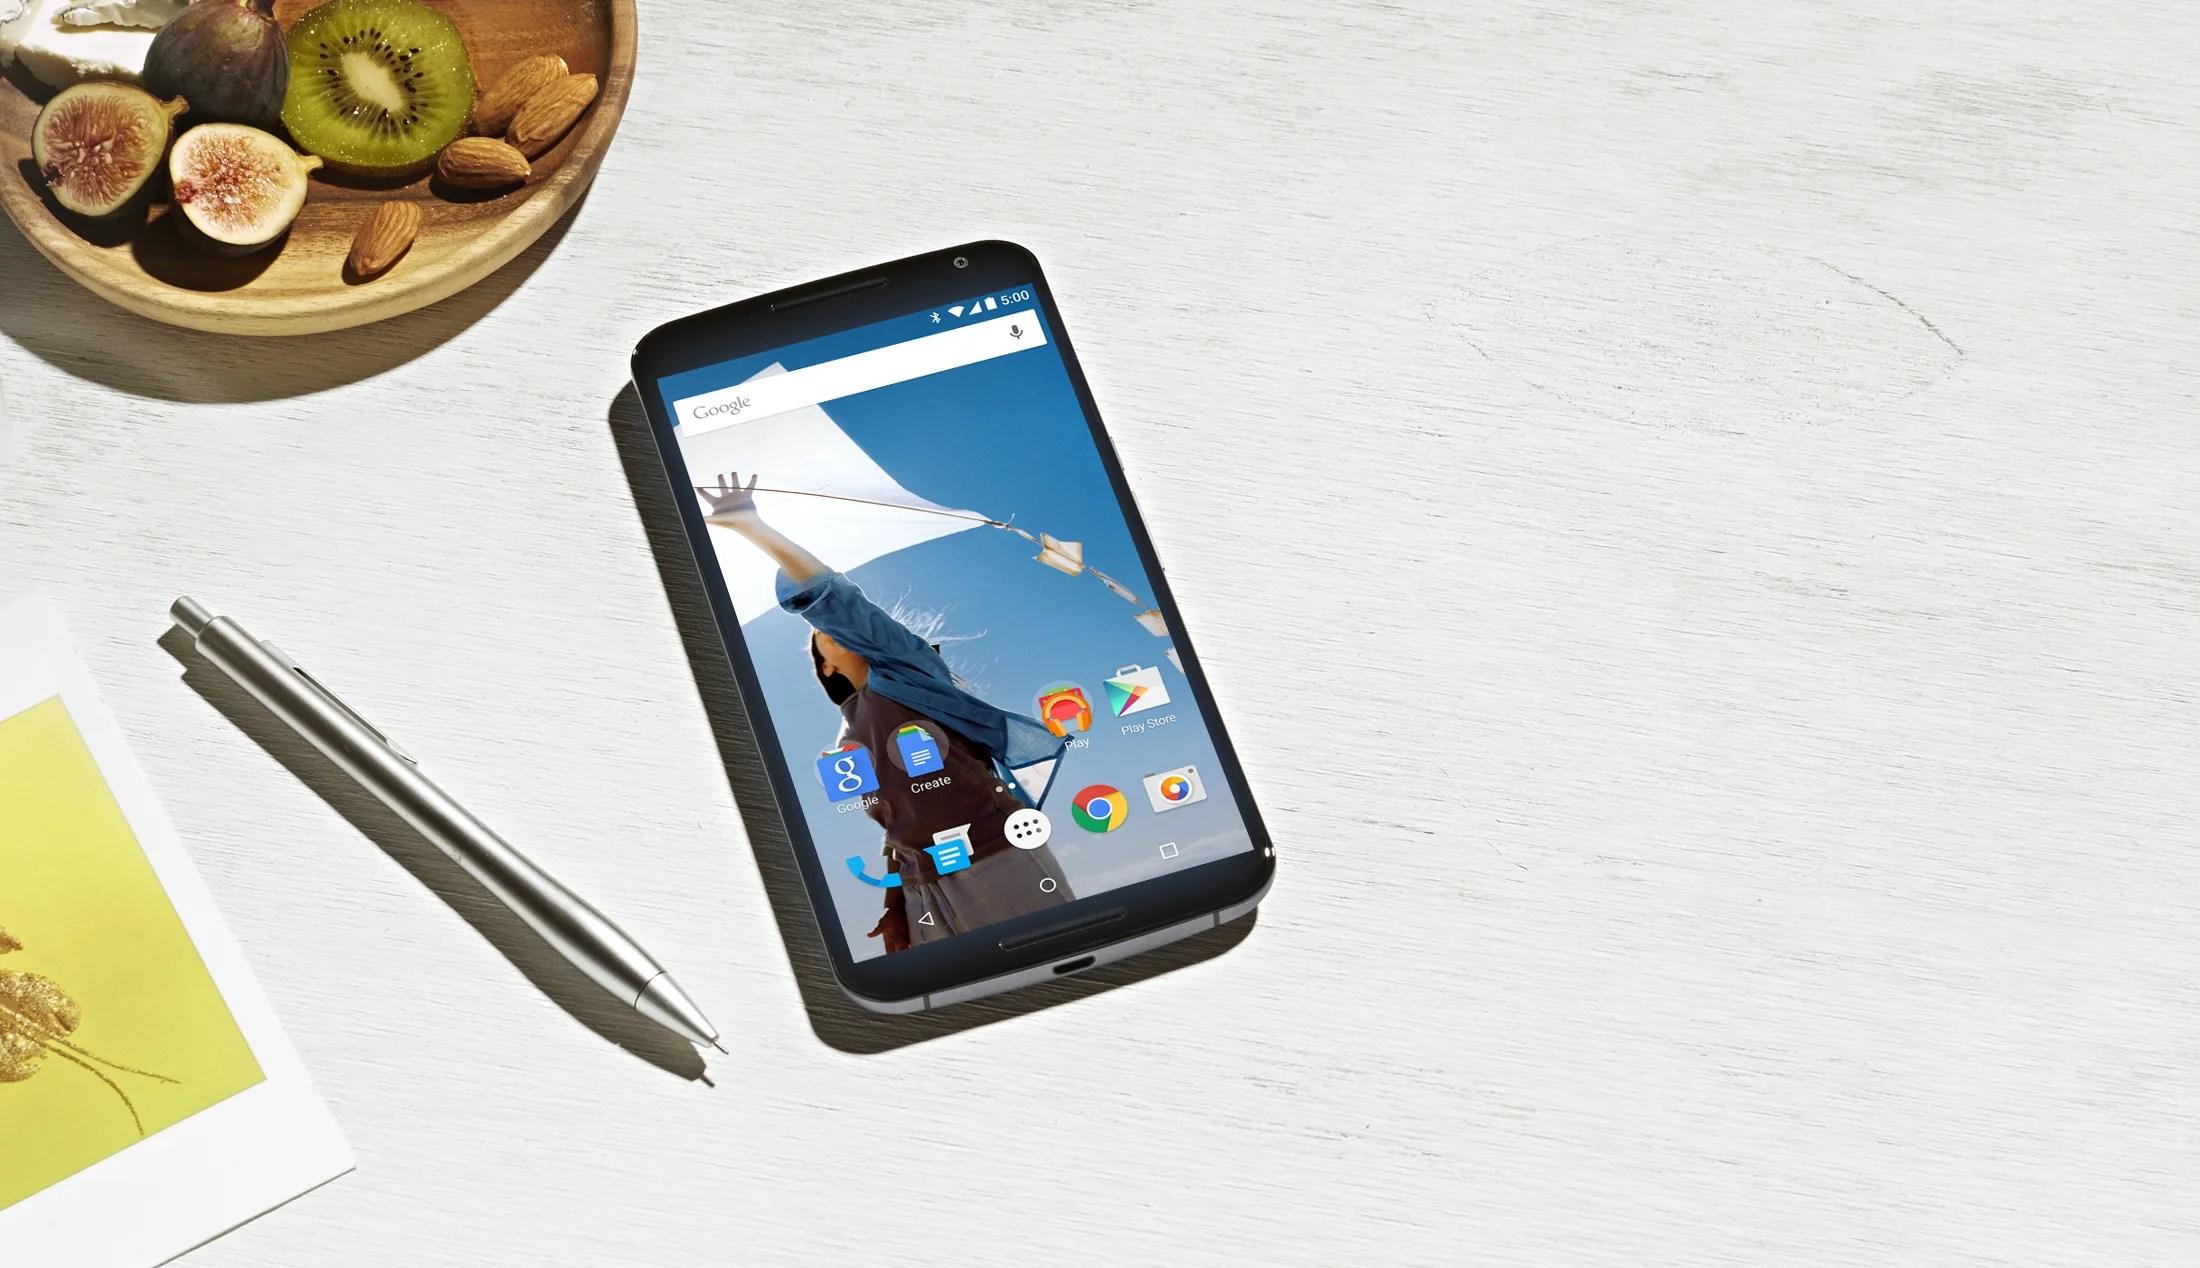 Le Nexus 6 est également en précommande chez Materiel.net